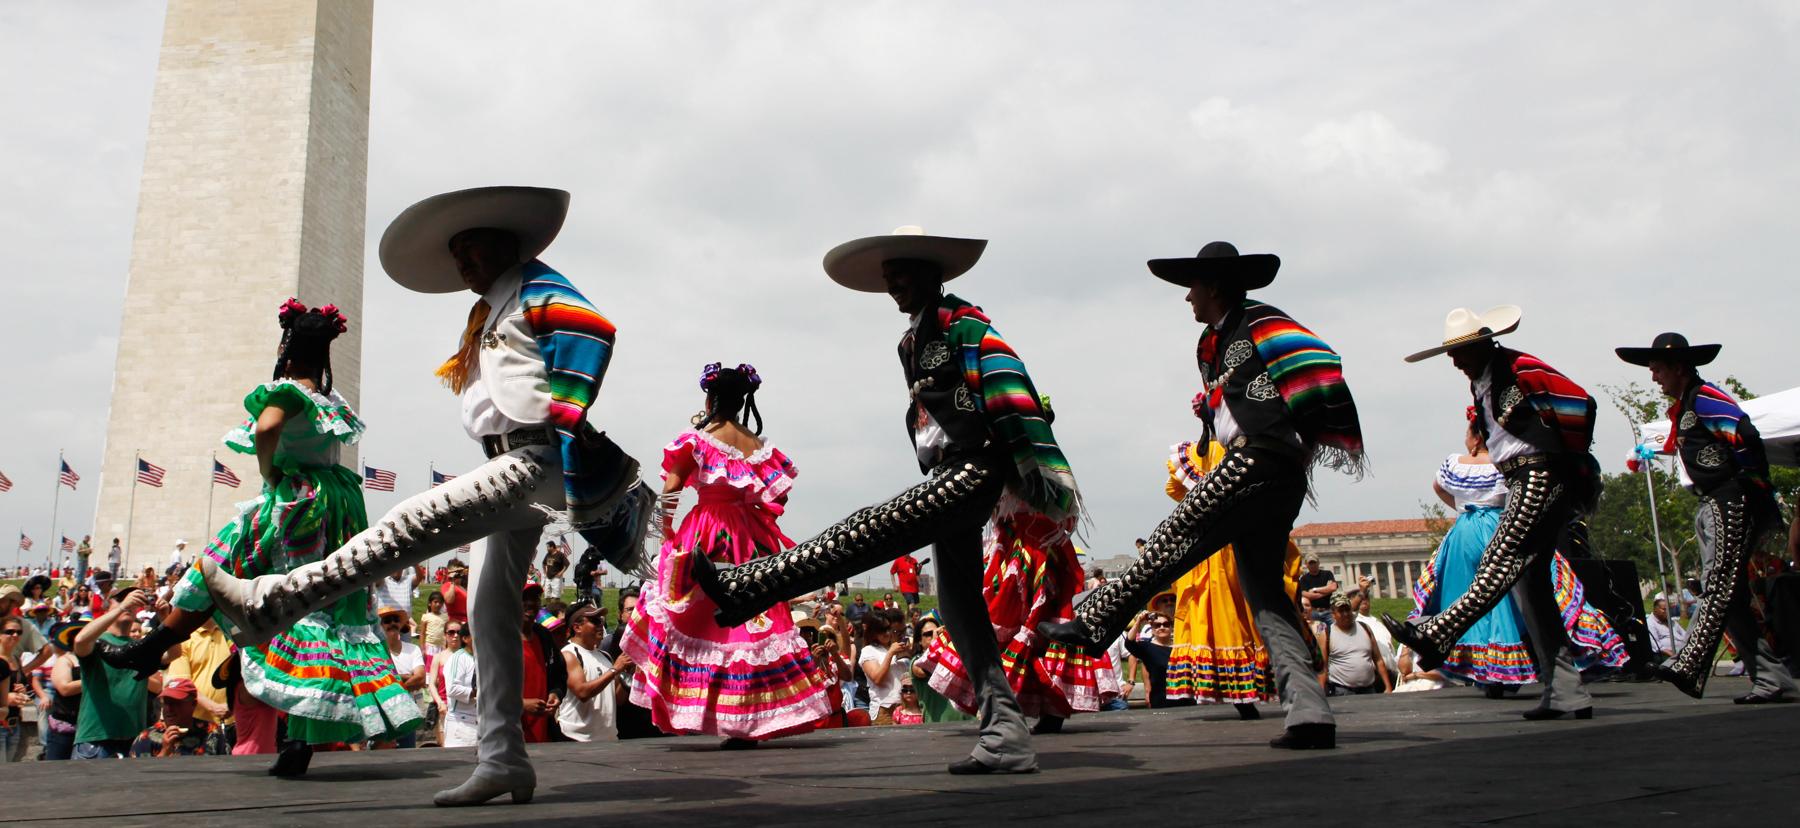 Dançarinos se apresentam perto do Monumento a Washington (© AP Images)